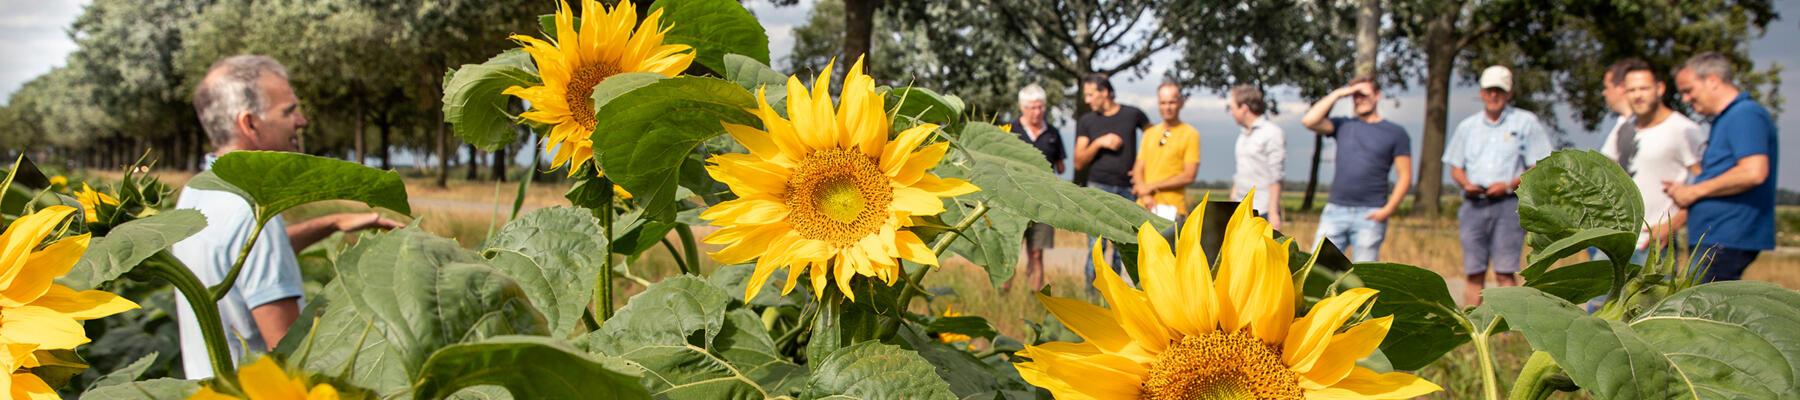 Overheersende zonnebloemen